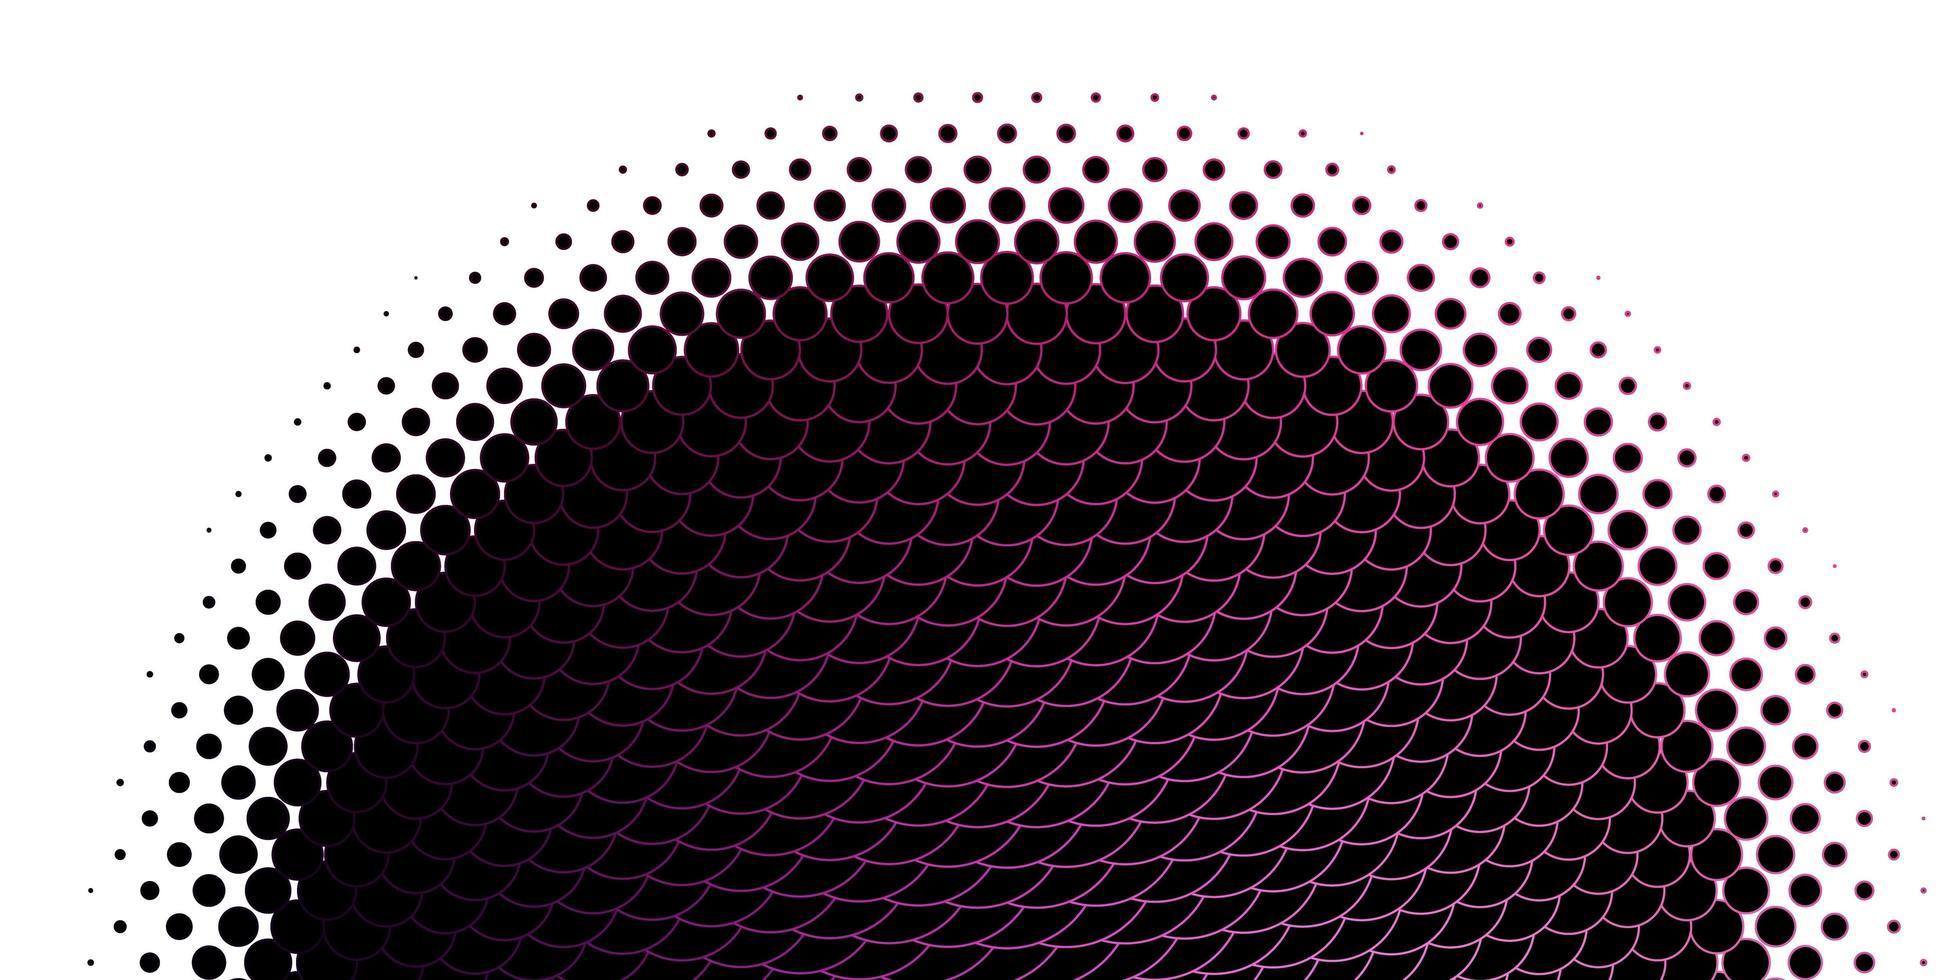 ljuslila, rosa vektorlayout med cirkelformer. vektor